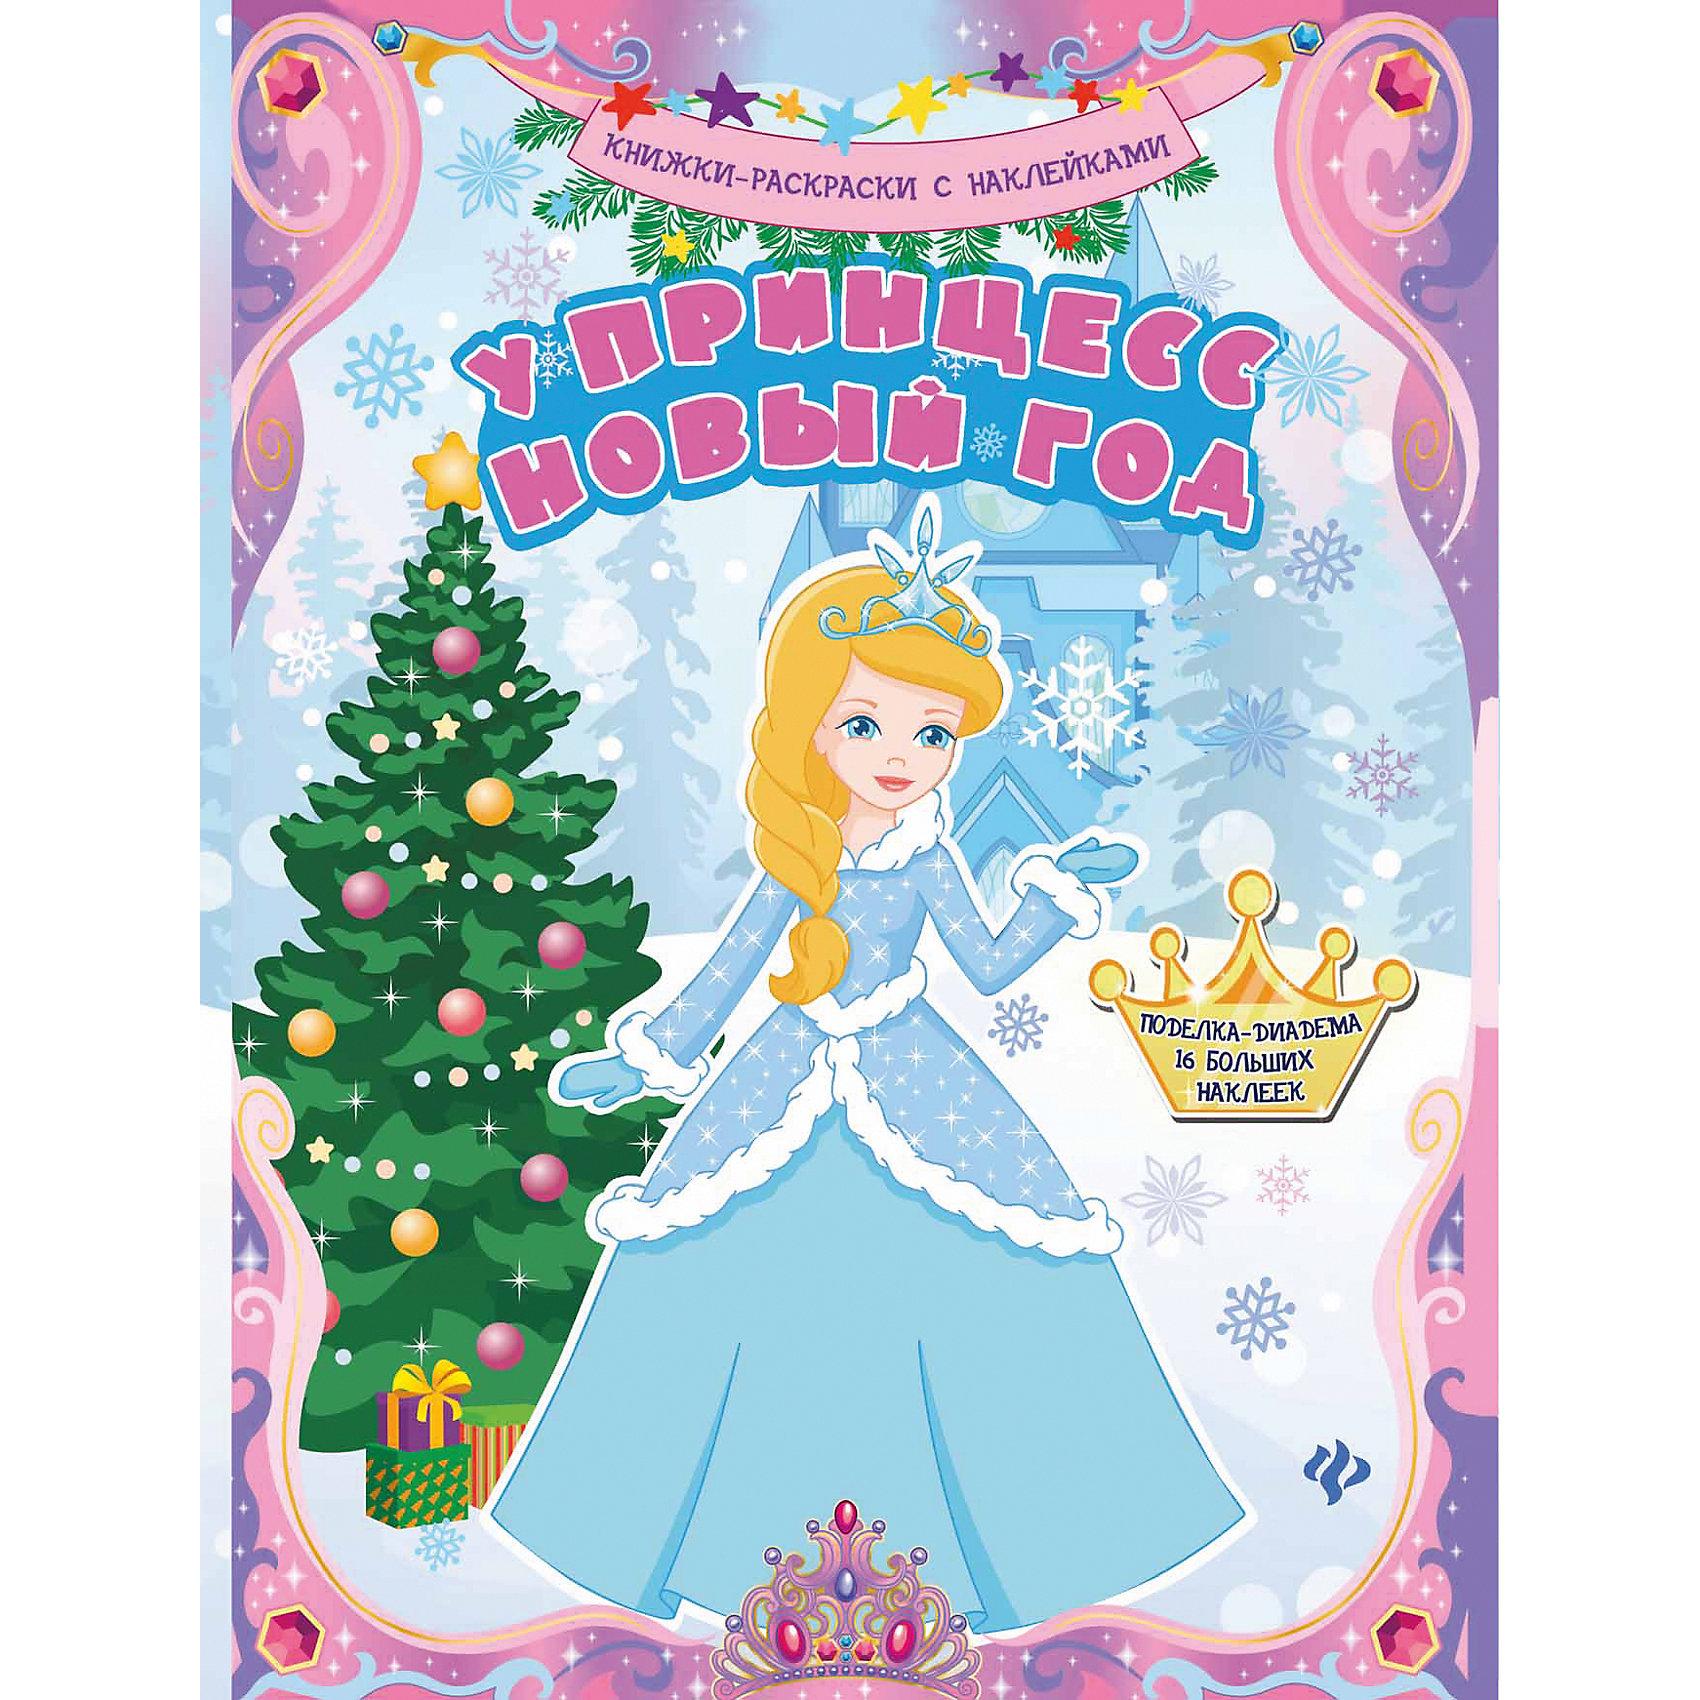 У принцесс Новый год: книжка-раскраскаЧем занять маленькую принцессу в зимние праздники? В серии книжек-раскрасок с наклейками предновогодняя новинка! Она не только способствует развитию мелкой моторики и воображения, но и заряжает праздничным настроением. В книге есть замечательная поделка<br><br>Ширина мм: 285<br>Глубина мм: 214<br>Высота мм: 2<br>Вес г: 100<br>Возраст от месяцев: 12<br>Возраст до месяцев: 72<br>Пол: Унисекс<br>Возраст: Детский<br>SKU: 5120190